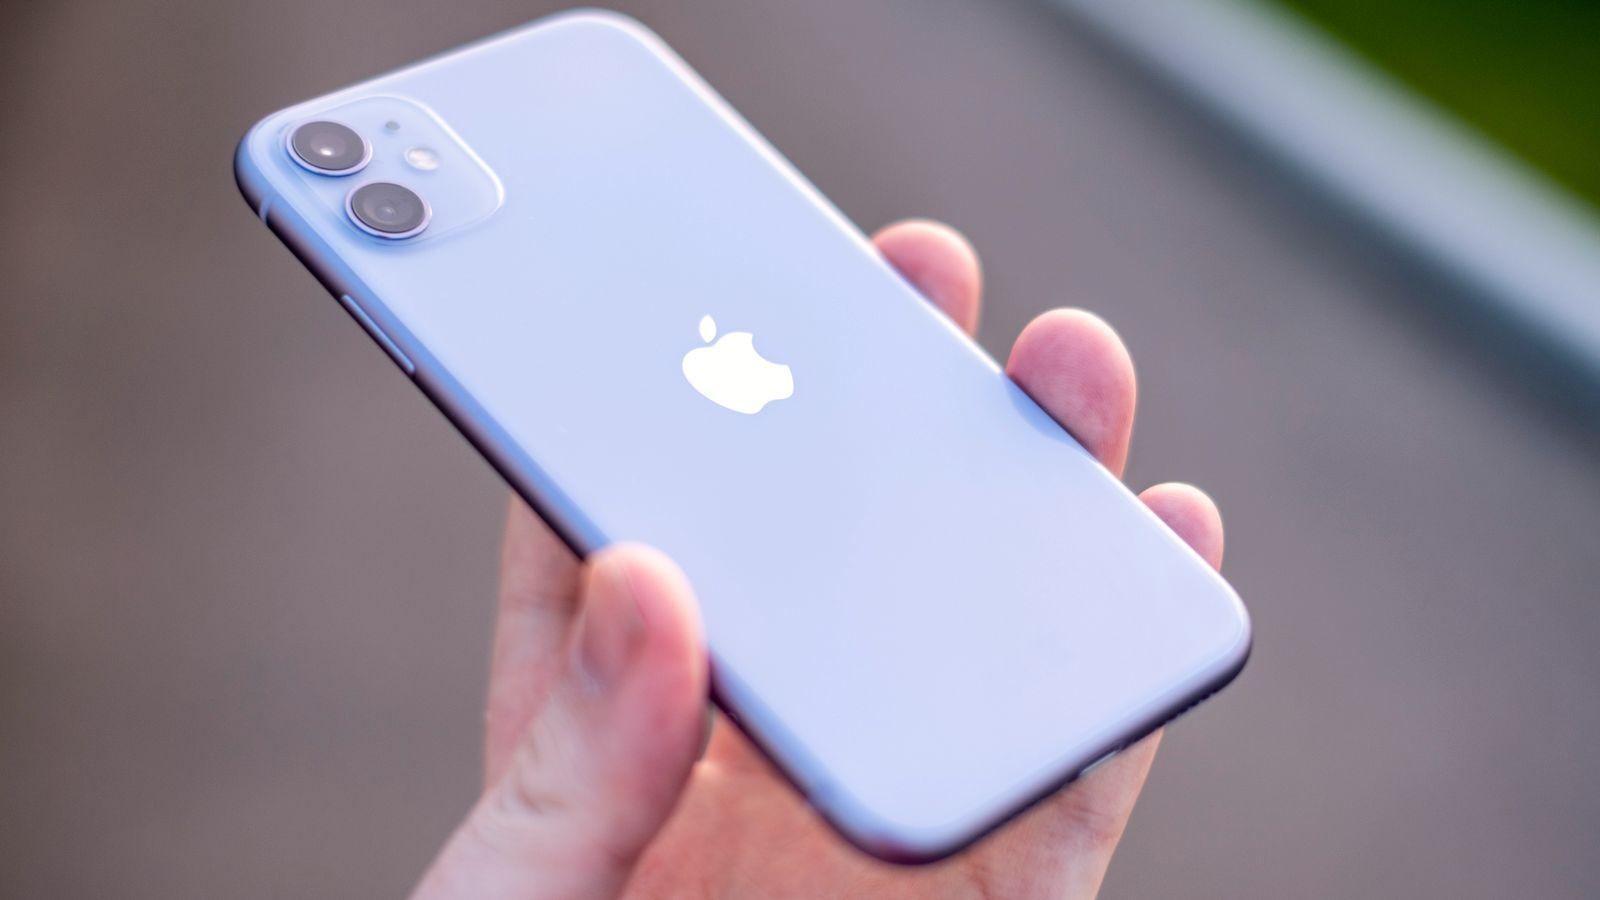 iPhone-designen er ikke ventet å endre seg mye i 12-ern, foruten at det altså vil komme en vesentlig mer kompakt versjon. Dagens vanlige iPhone 11 har 6,1 tommers skjerm, mens iPhone 12 vil starte med 5,4-tommer, mens Max-utgaven vil tilsvare dagens vanlige iPhone 11.